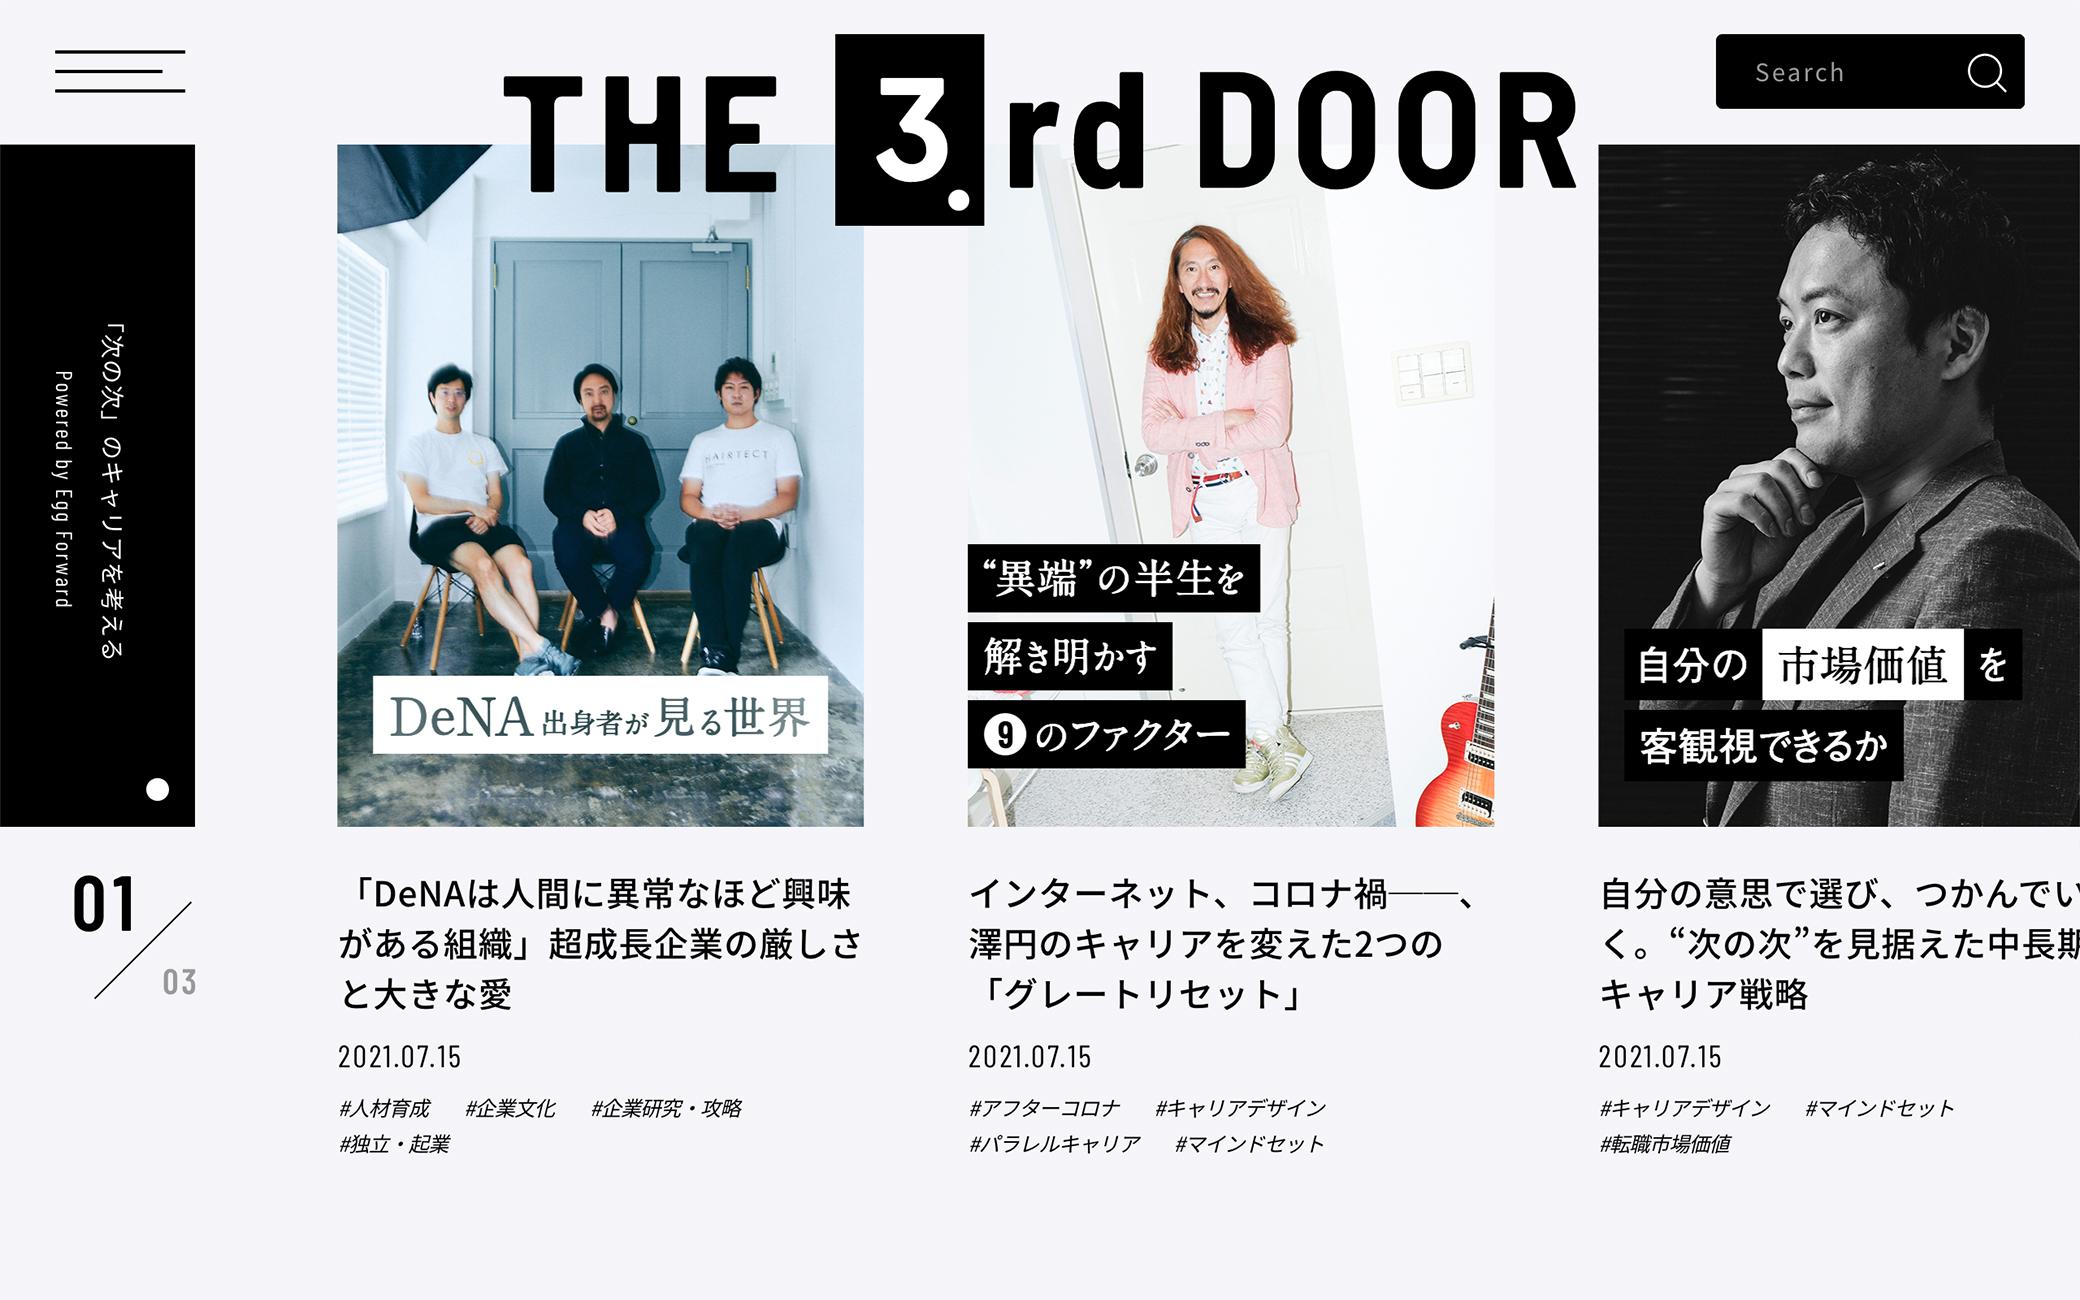 The 3rd Door